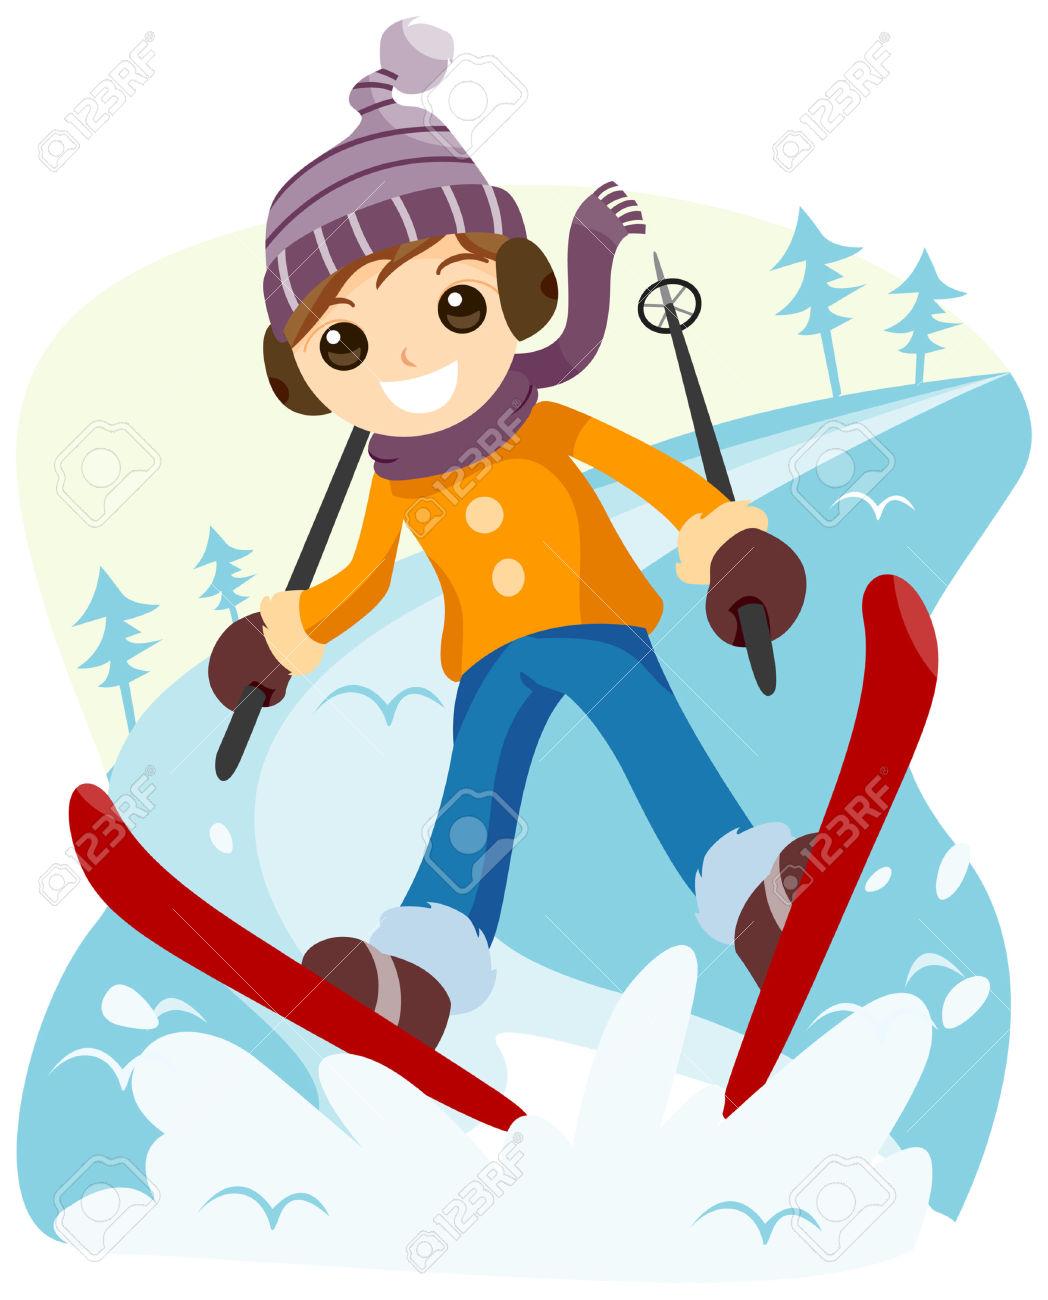 Skiing clipart polar bear Boy clipart  collection skier